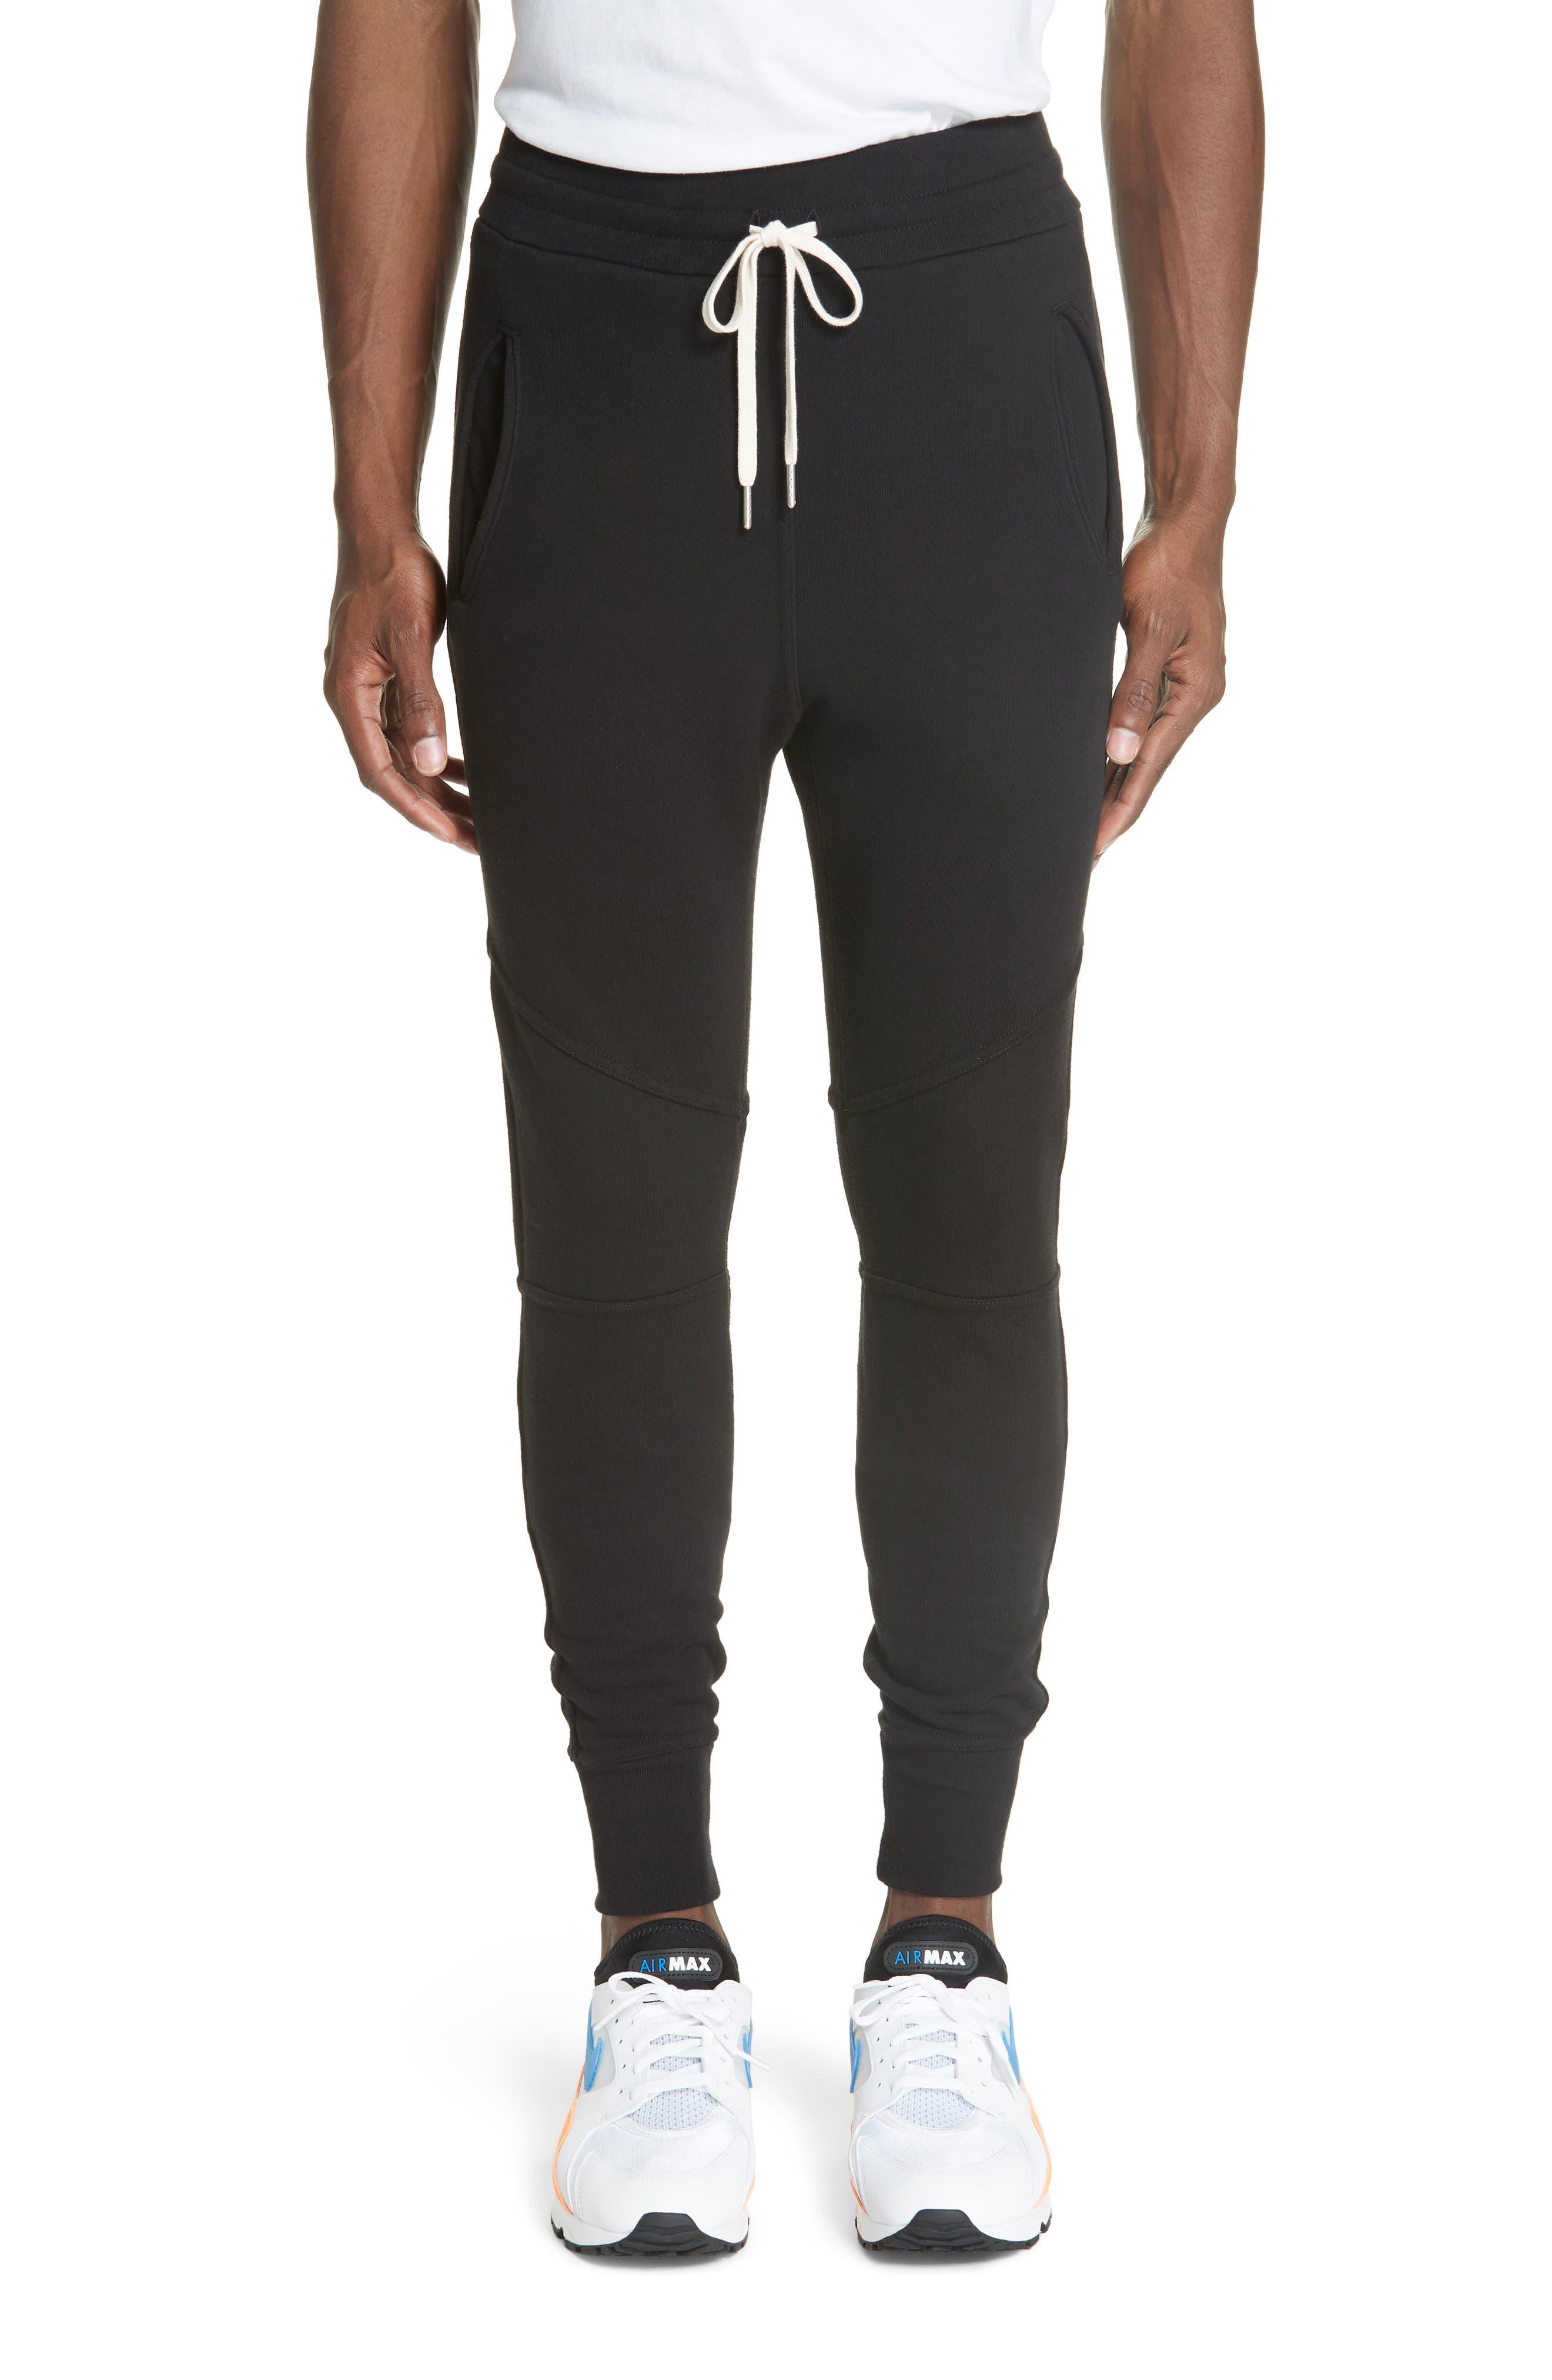 Escobar Sweatpants,                         Main,                         color, BLACK